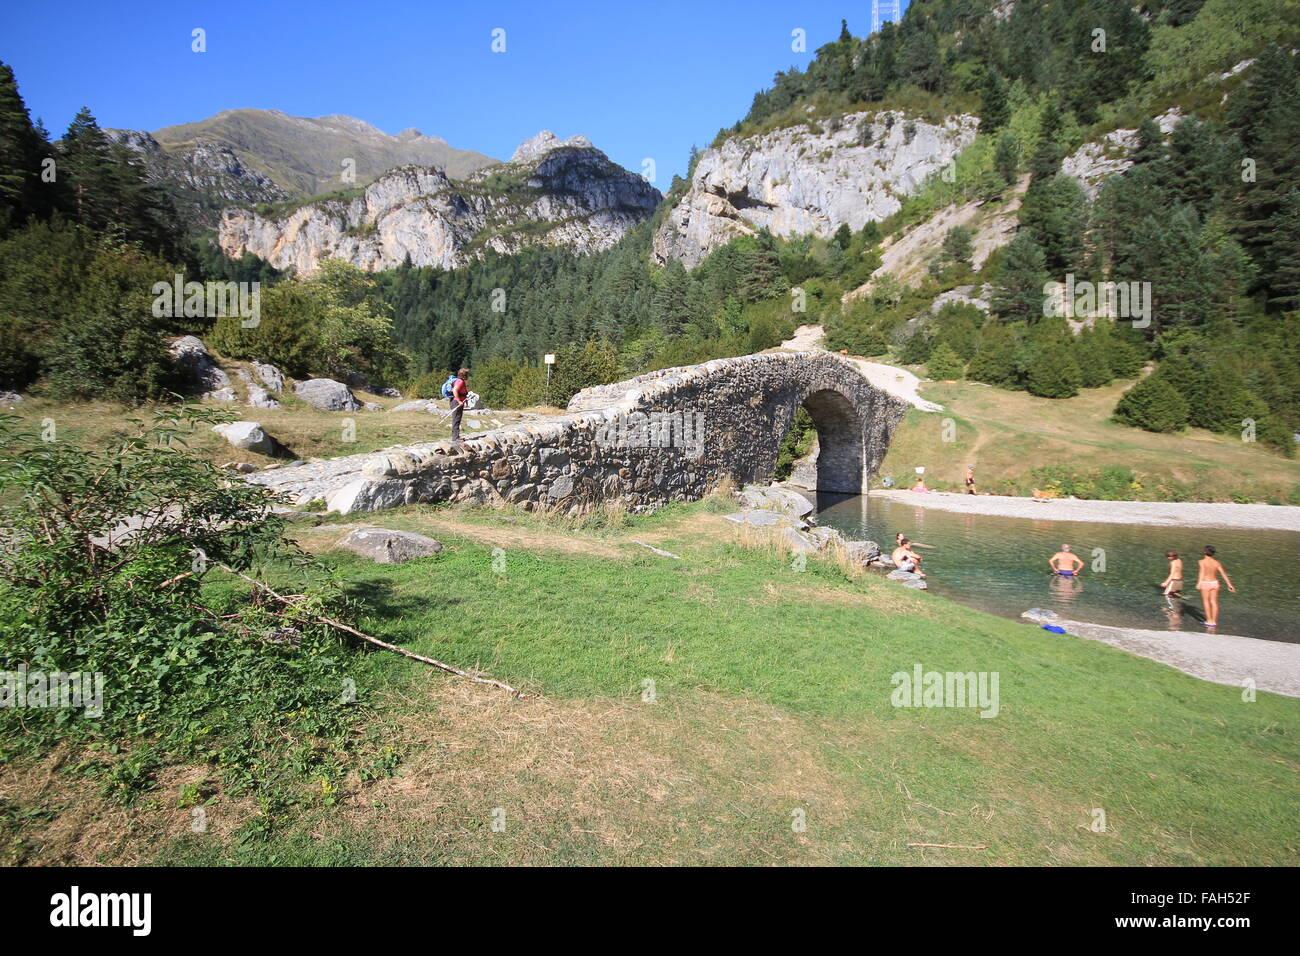 San Nicolas de Bujaruelo bridge in the Parque Nacional de Ordesa y Monte Perdido in the Pyrenees - Stock Image